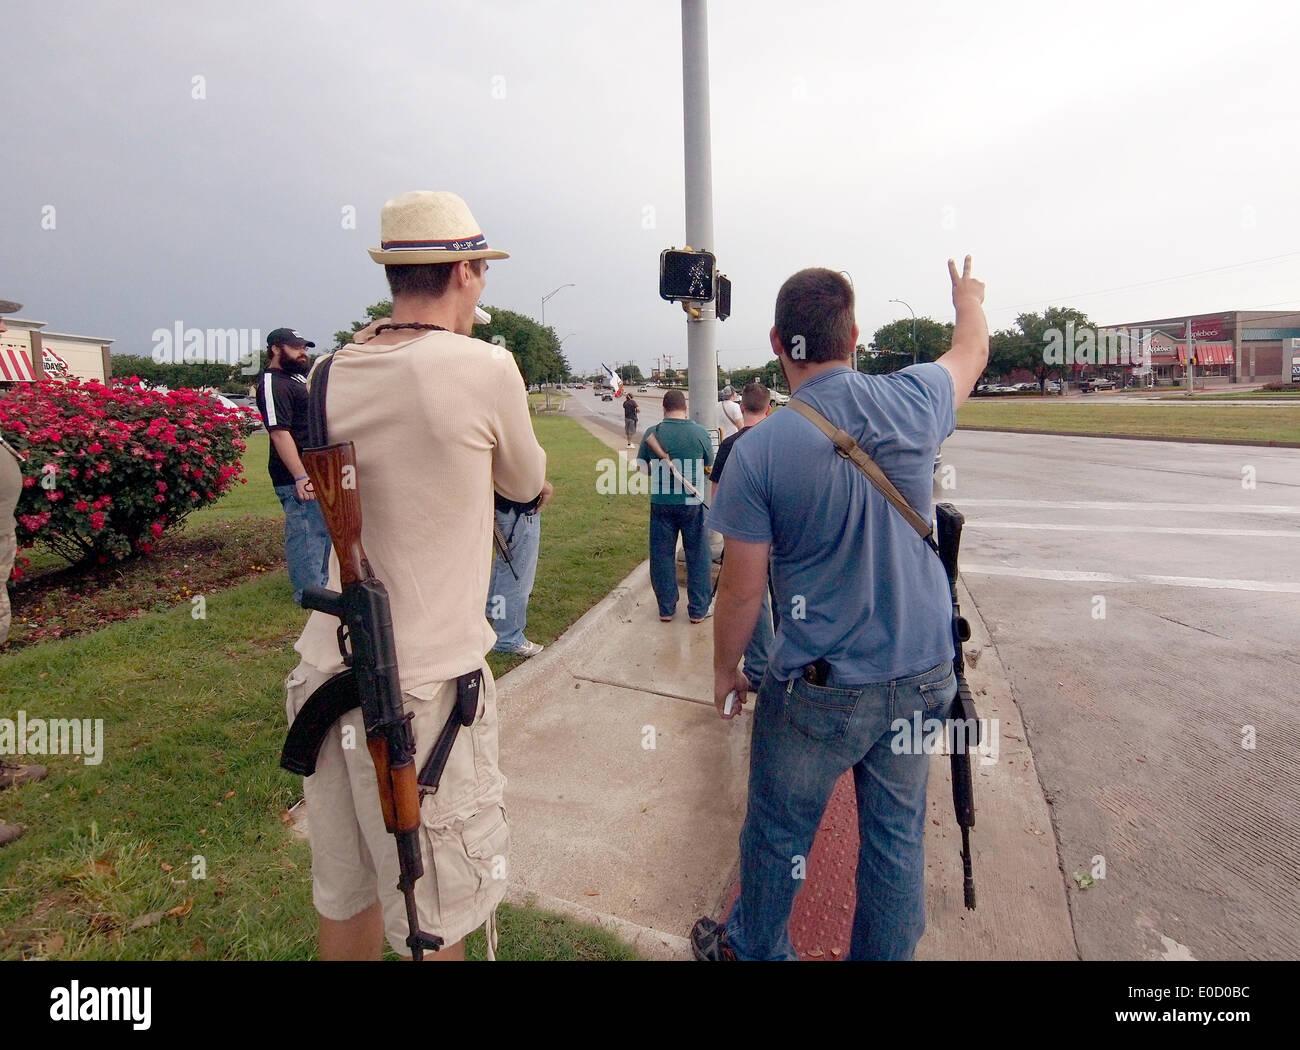 Gruppe von gewehrinhaber siehe Gesetze verhindern, dass diese Waffen als richtig. Protest in 1016 auf den Straßen von Arlington, Texas, die wollen Leute die Waffen zu sehen, große Gewehre auf der Straße und versuchen, lokale Fast-Food-Läden in den Bereich zu betreten. Wenn Sie alle Mitarbeiter an der Rückseite verstecken. Von Guns gebildet Bürgerrechtler Kory Watkins. Stockbild